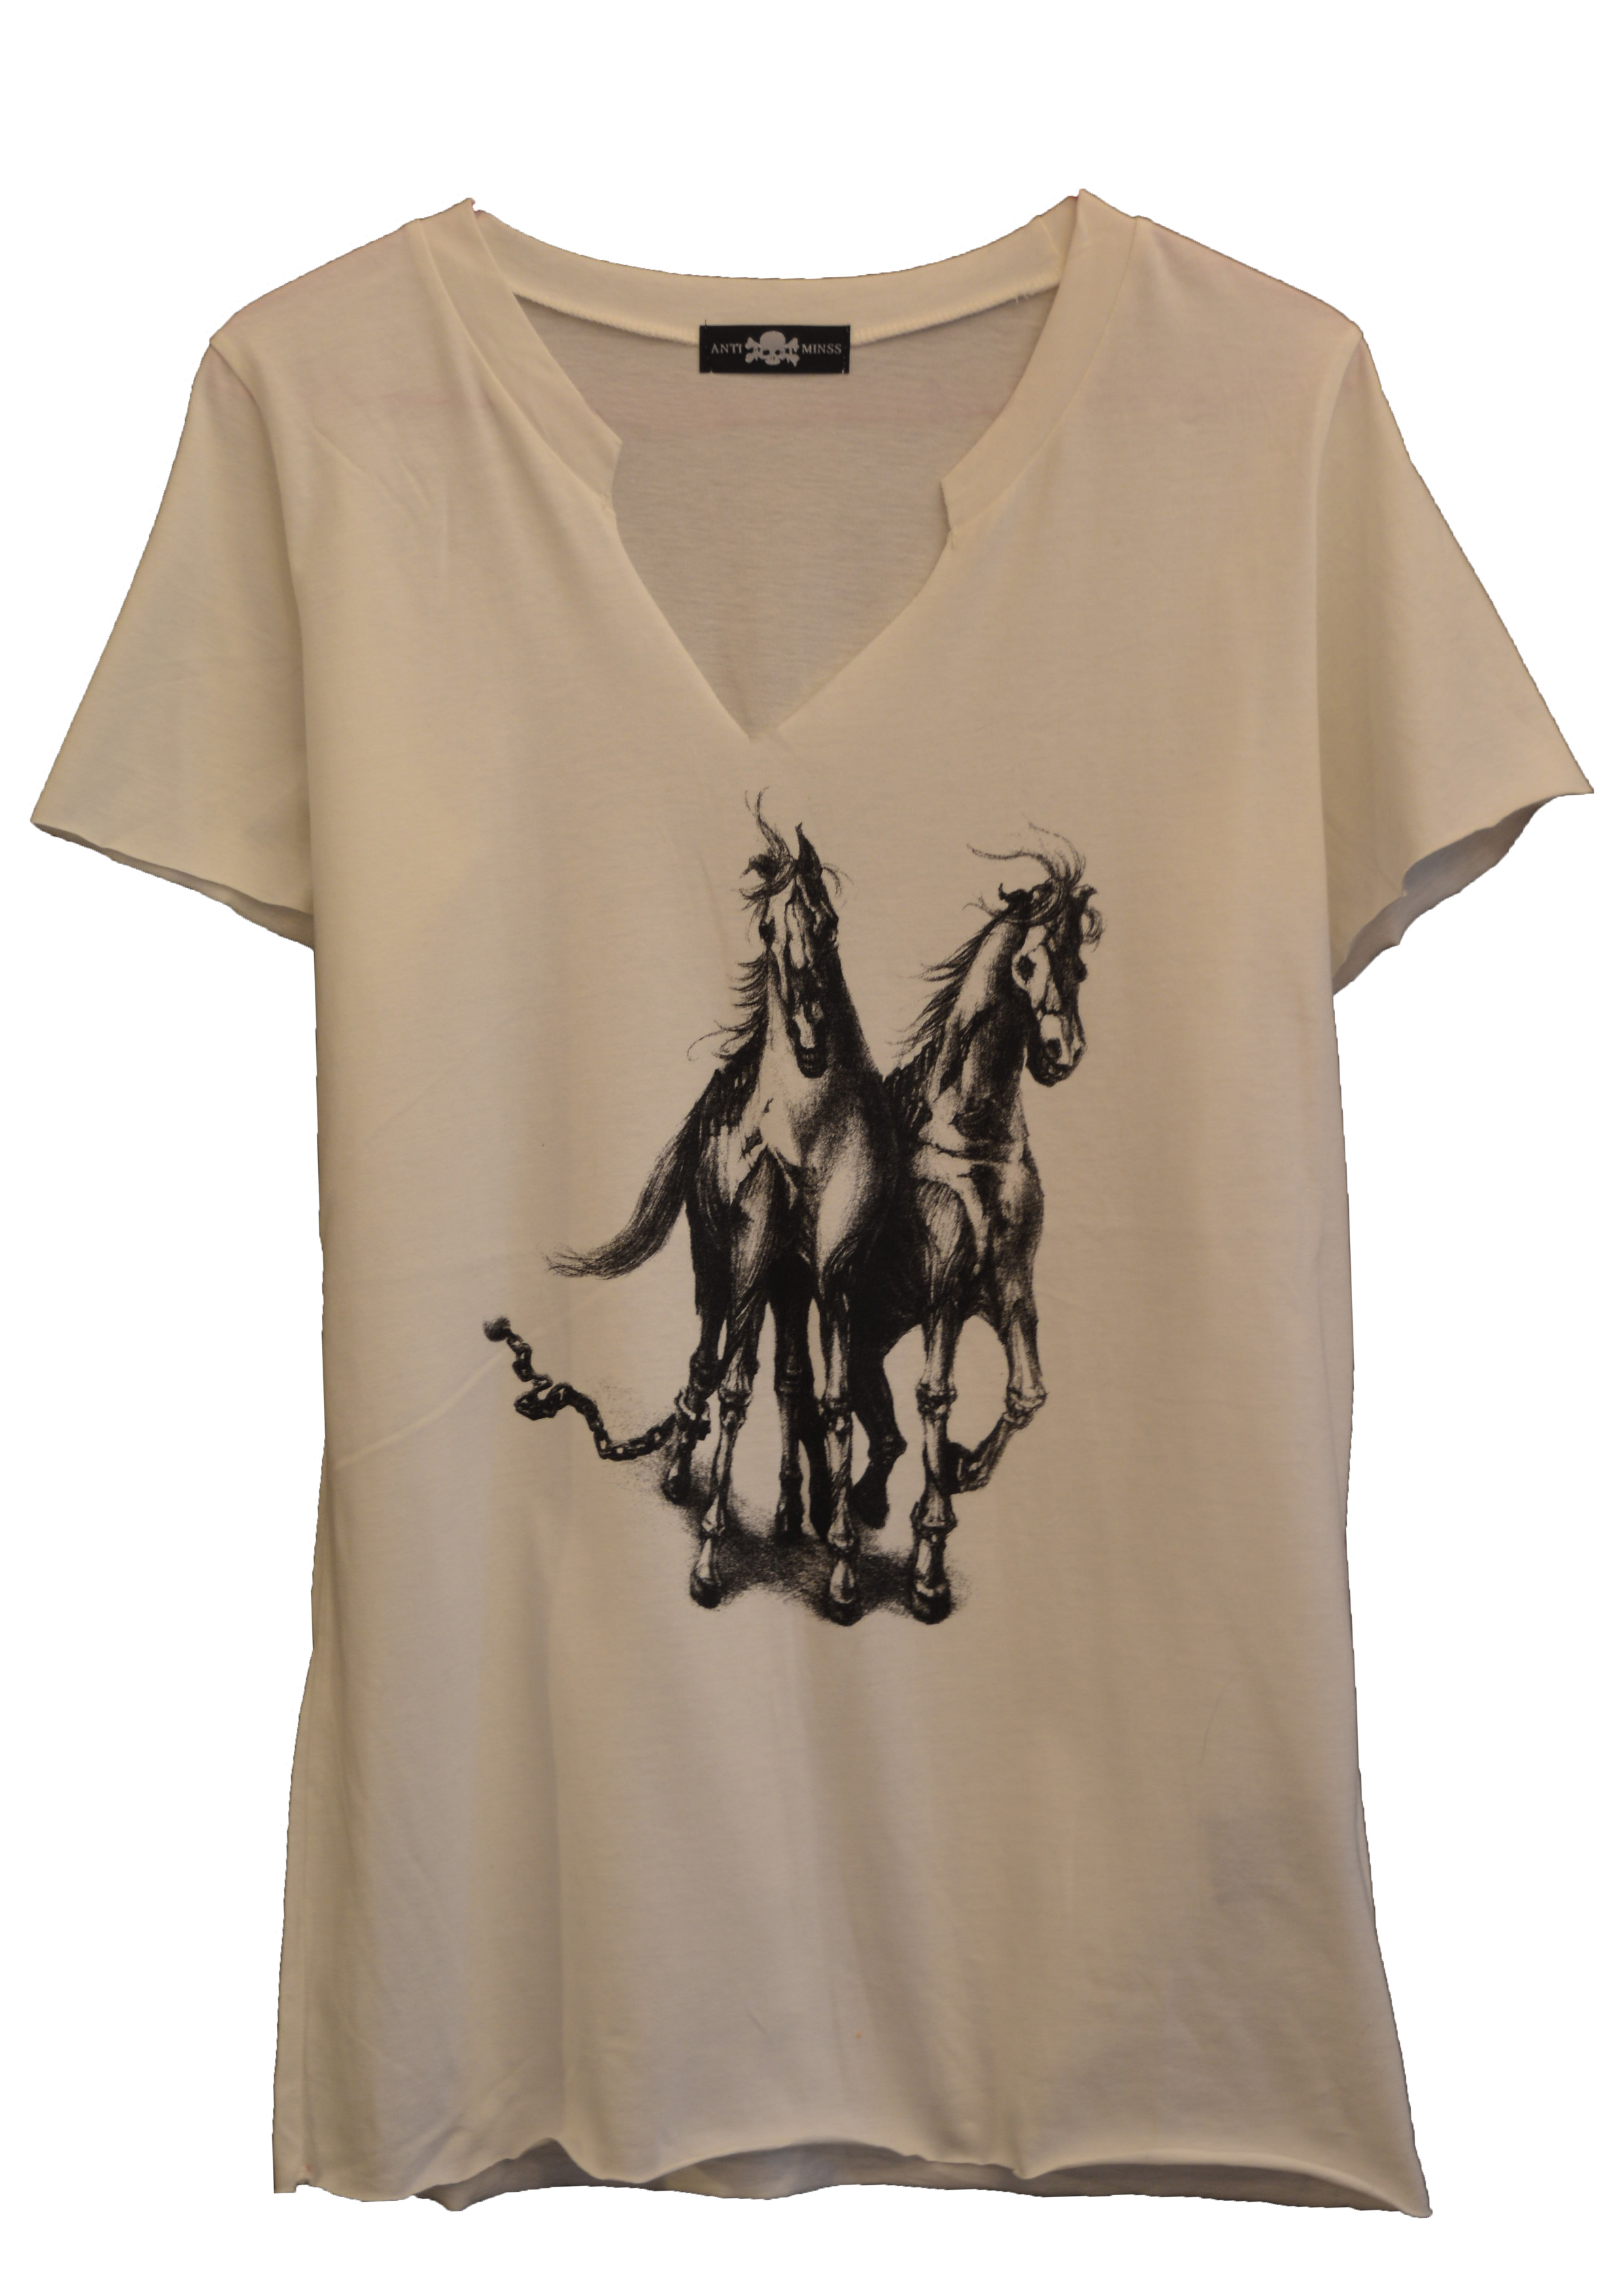 【ANTIMINSS】HORSE T-SHIRT (WHITE)